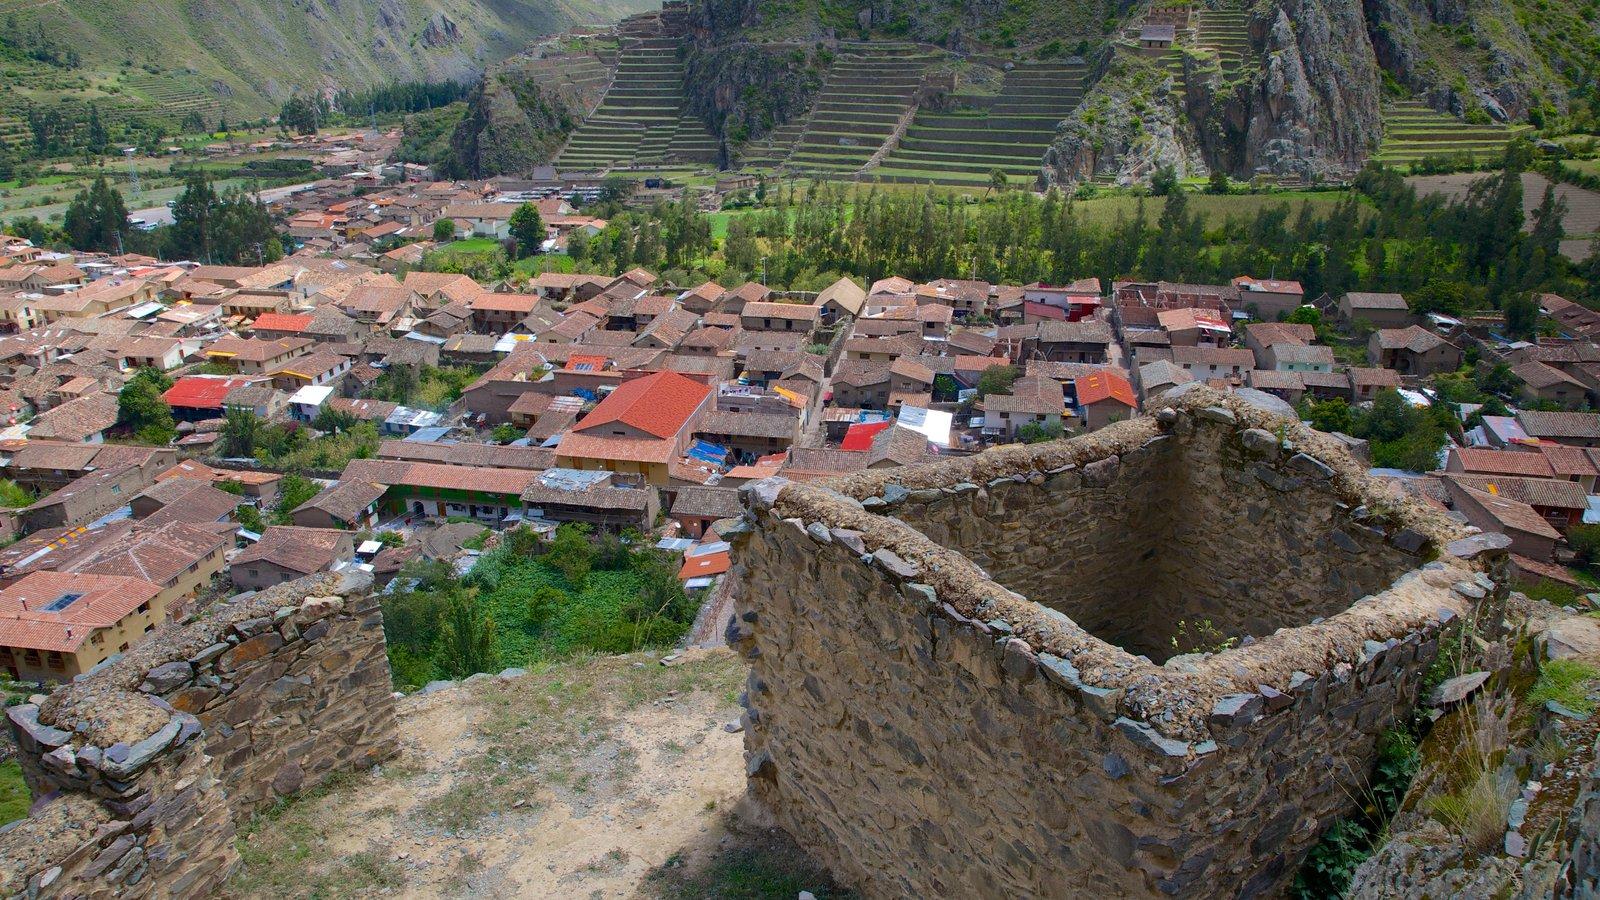 Ollantaytambo que inclui arquitetura de patrimônio e uma cidade pequena ou vila